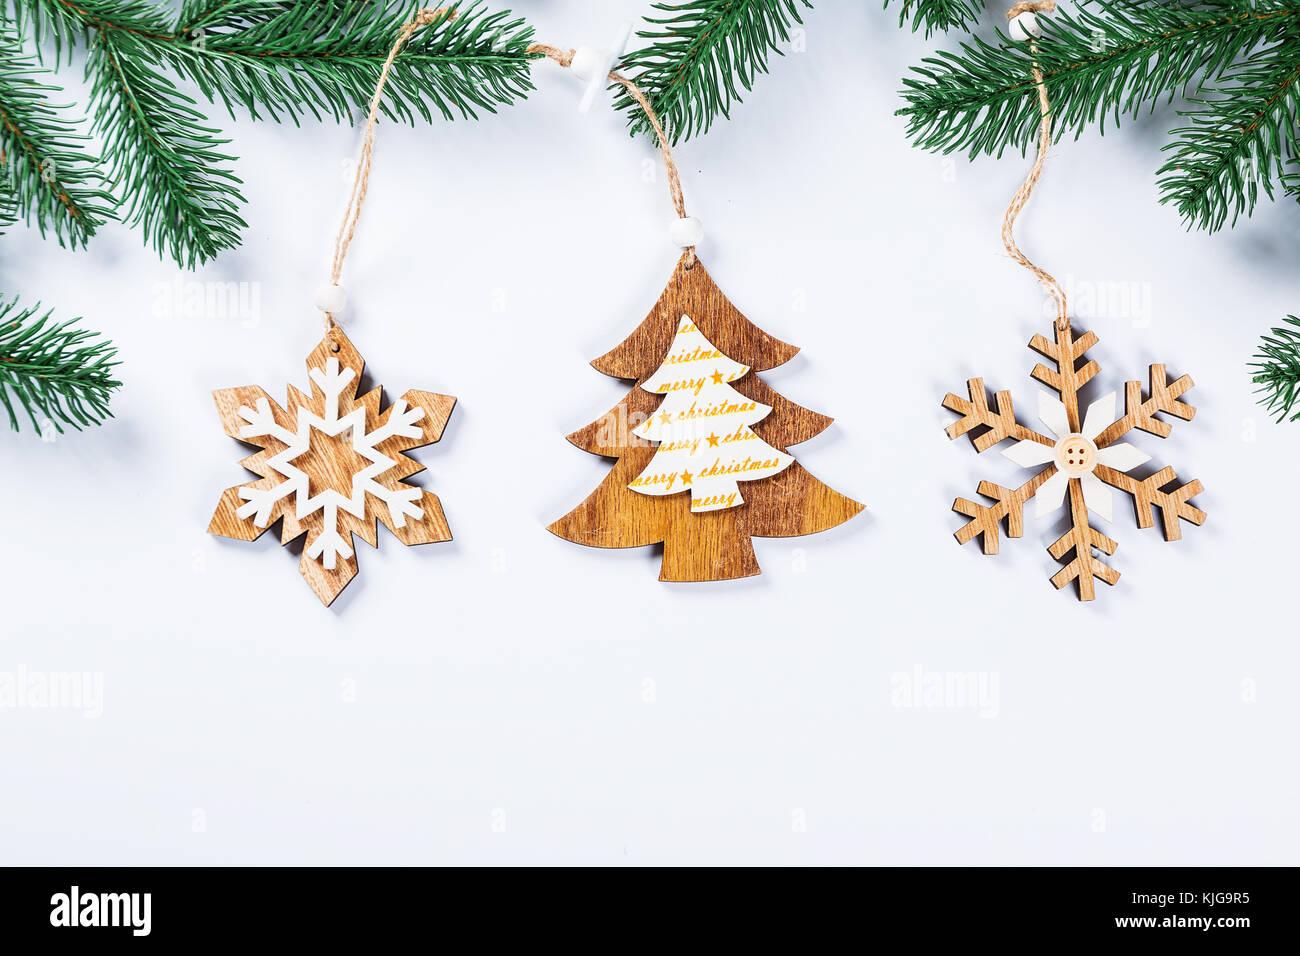 Niedlich Freier Weihnachtsbaum Zum Ausdrucken Bilder - Druckbare ...